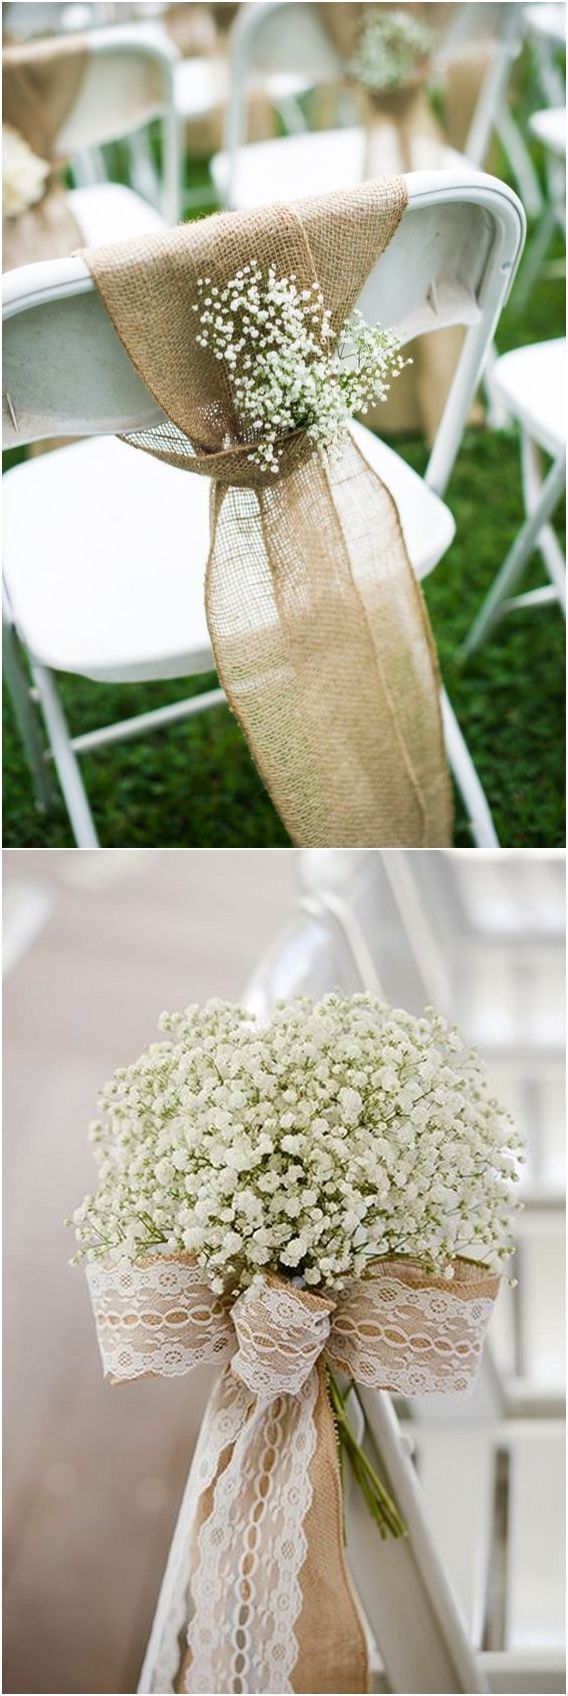 90 Rustic Baby\'s Breath Wedding Ideas You\'ll Love | Weddingideas ...